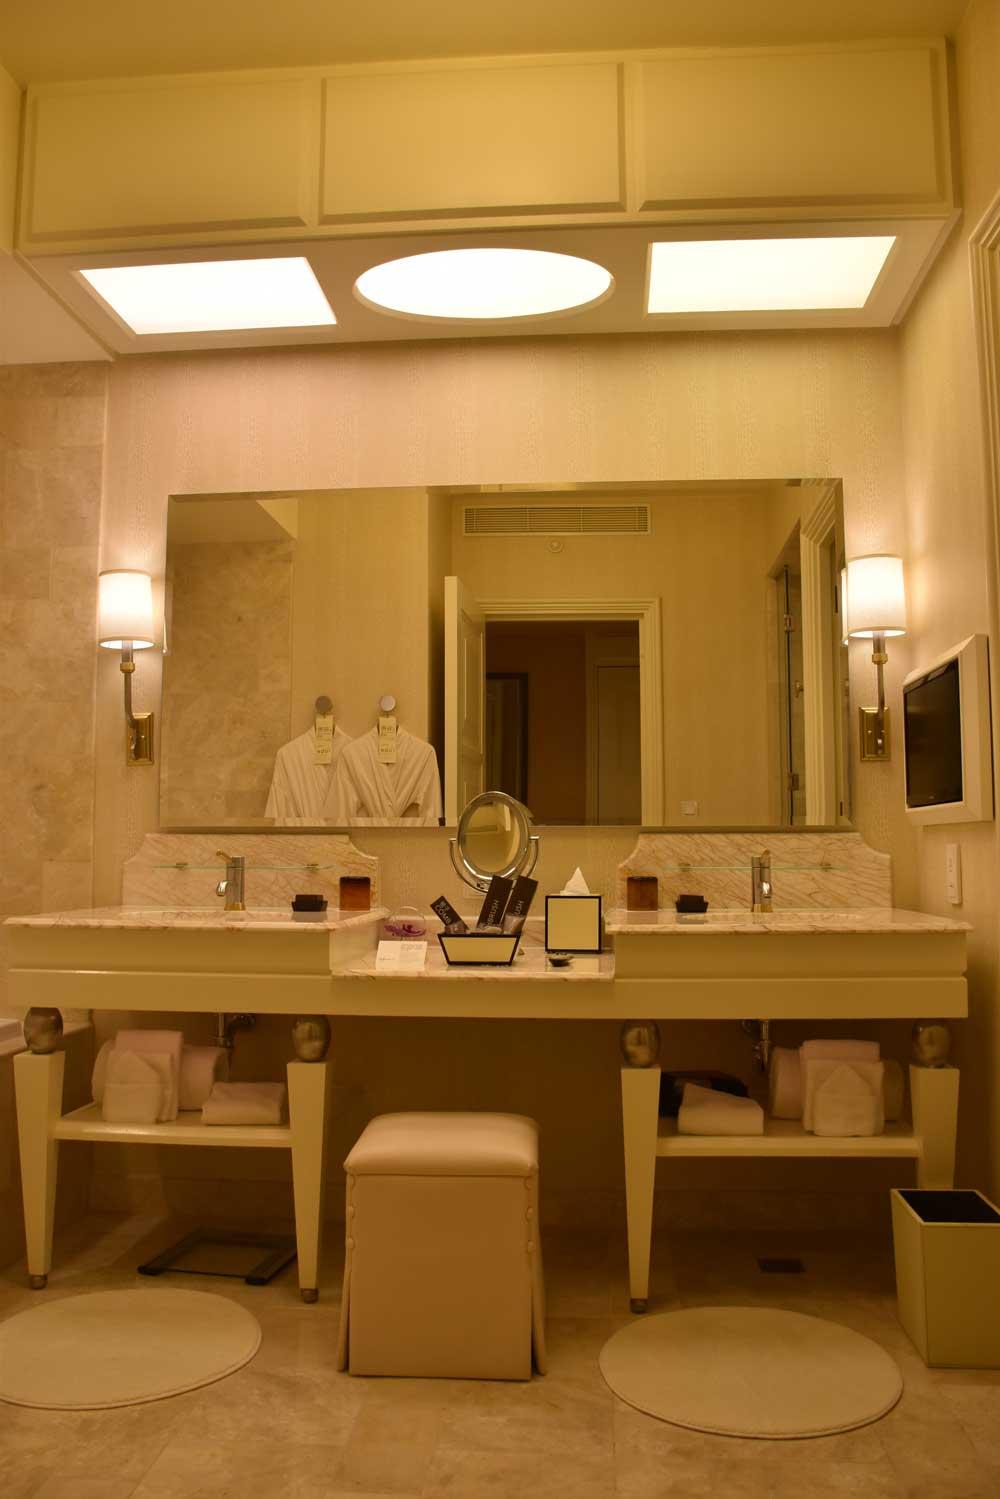 Wynn Macau Deluxe King bathroom